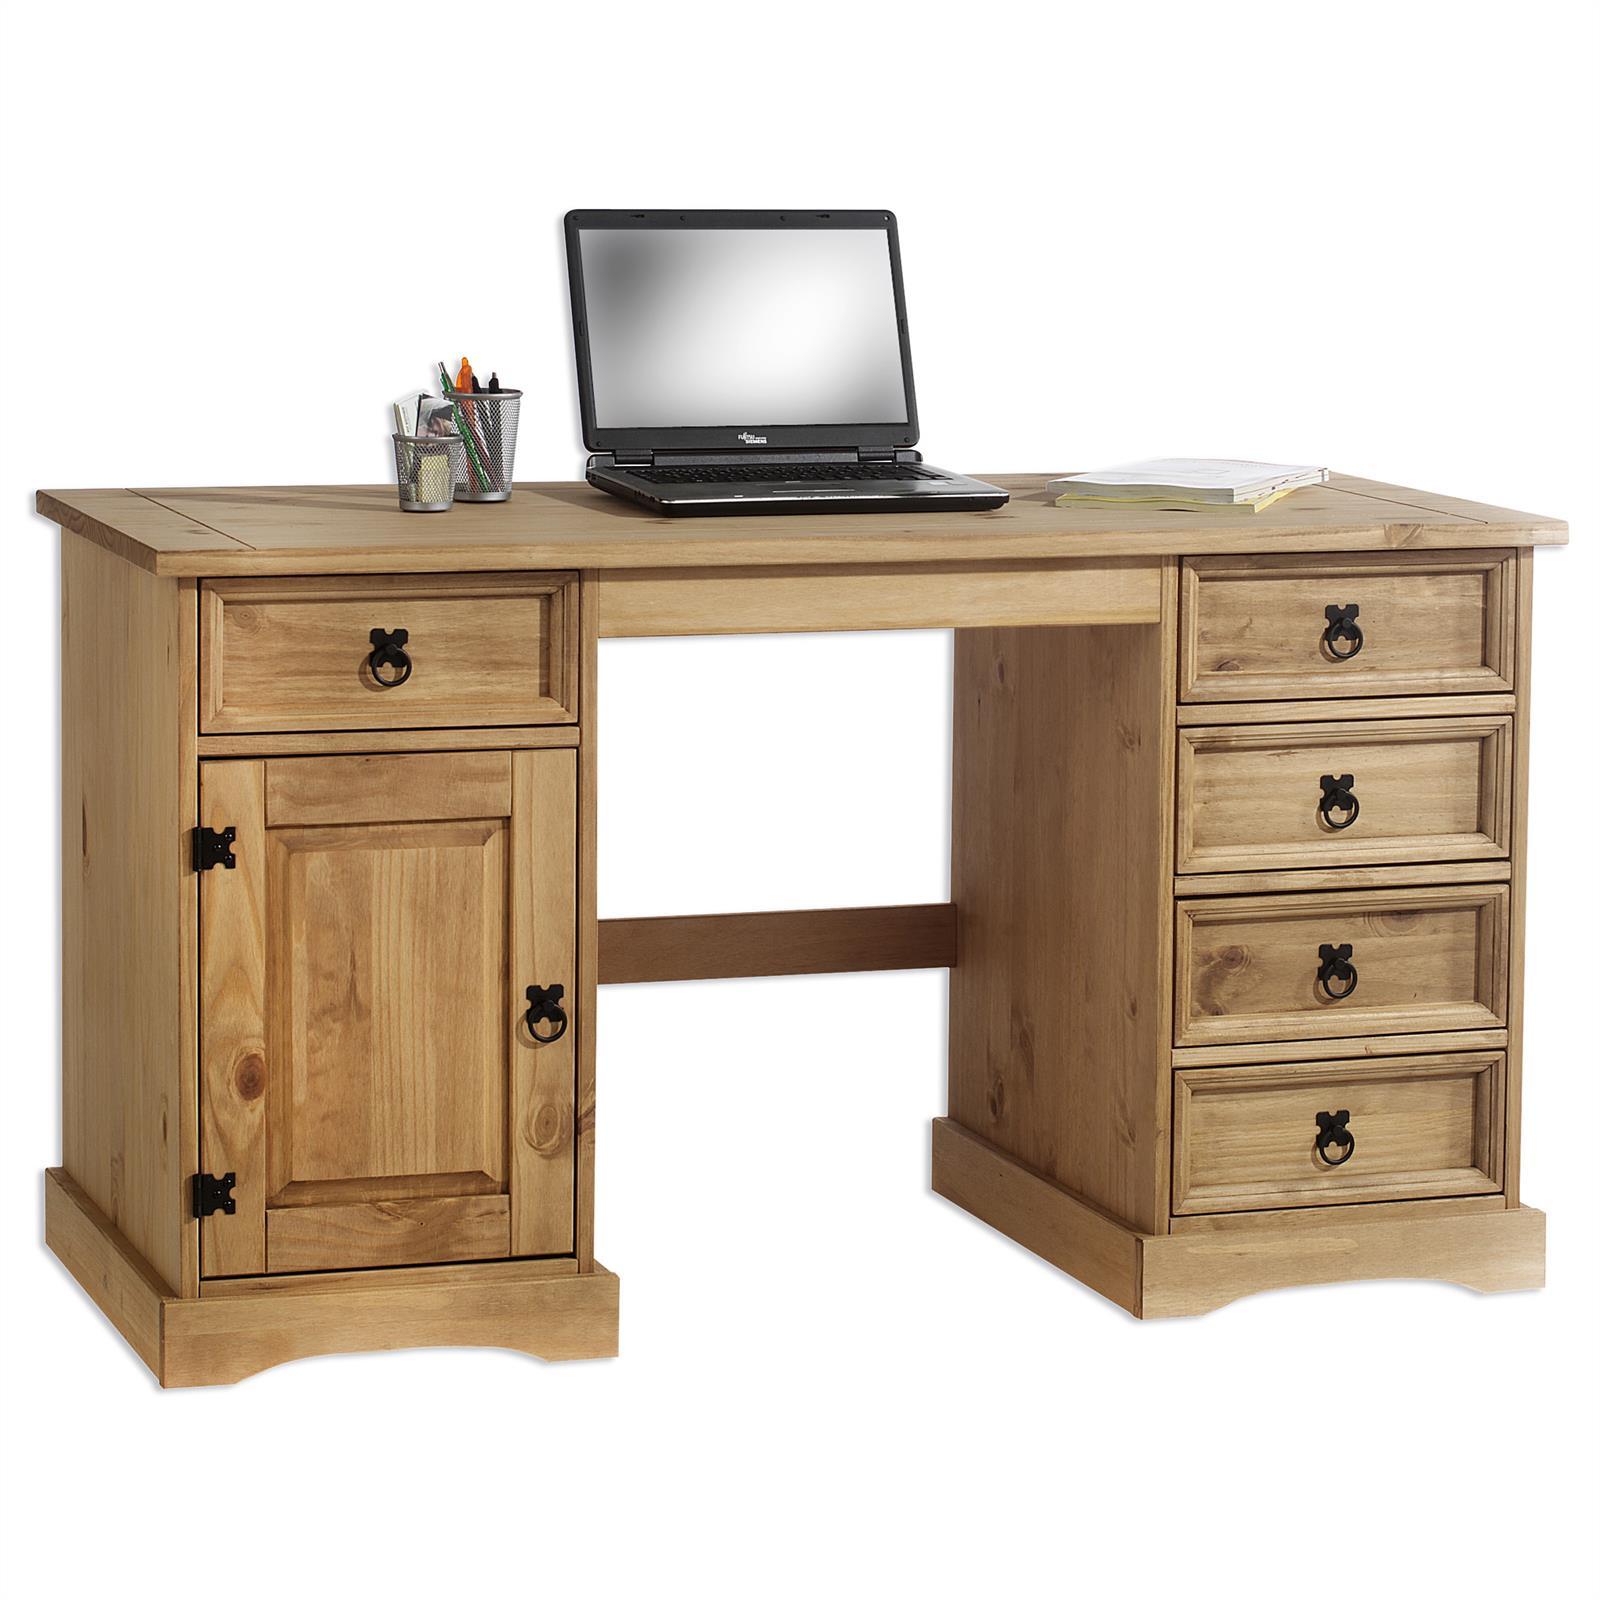 Schreibtisch tequila mexico m bel kiefer massiv mobilia24 - Schreibtisch kiefernholz ...